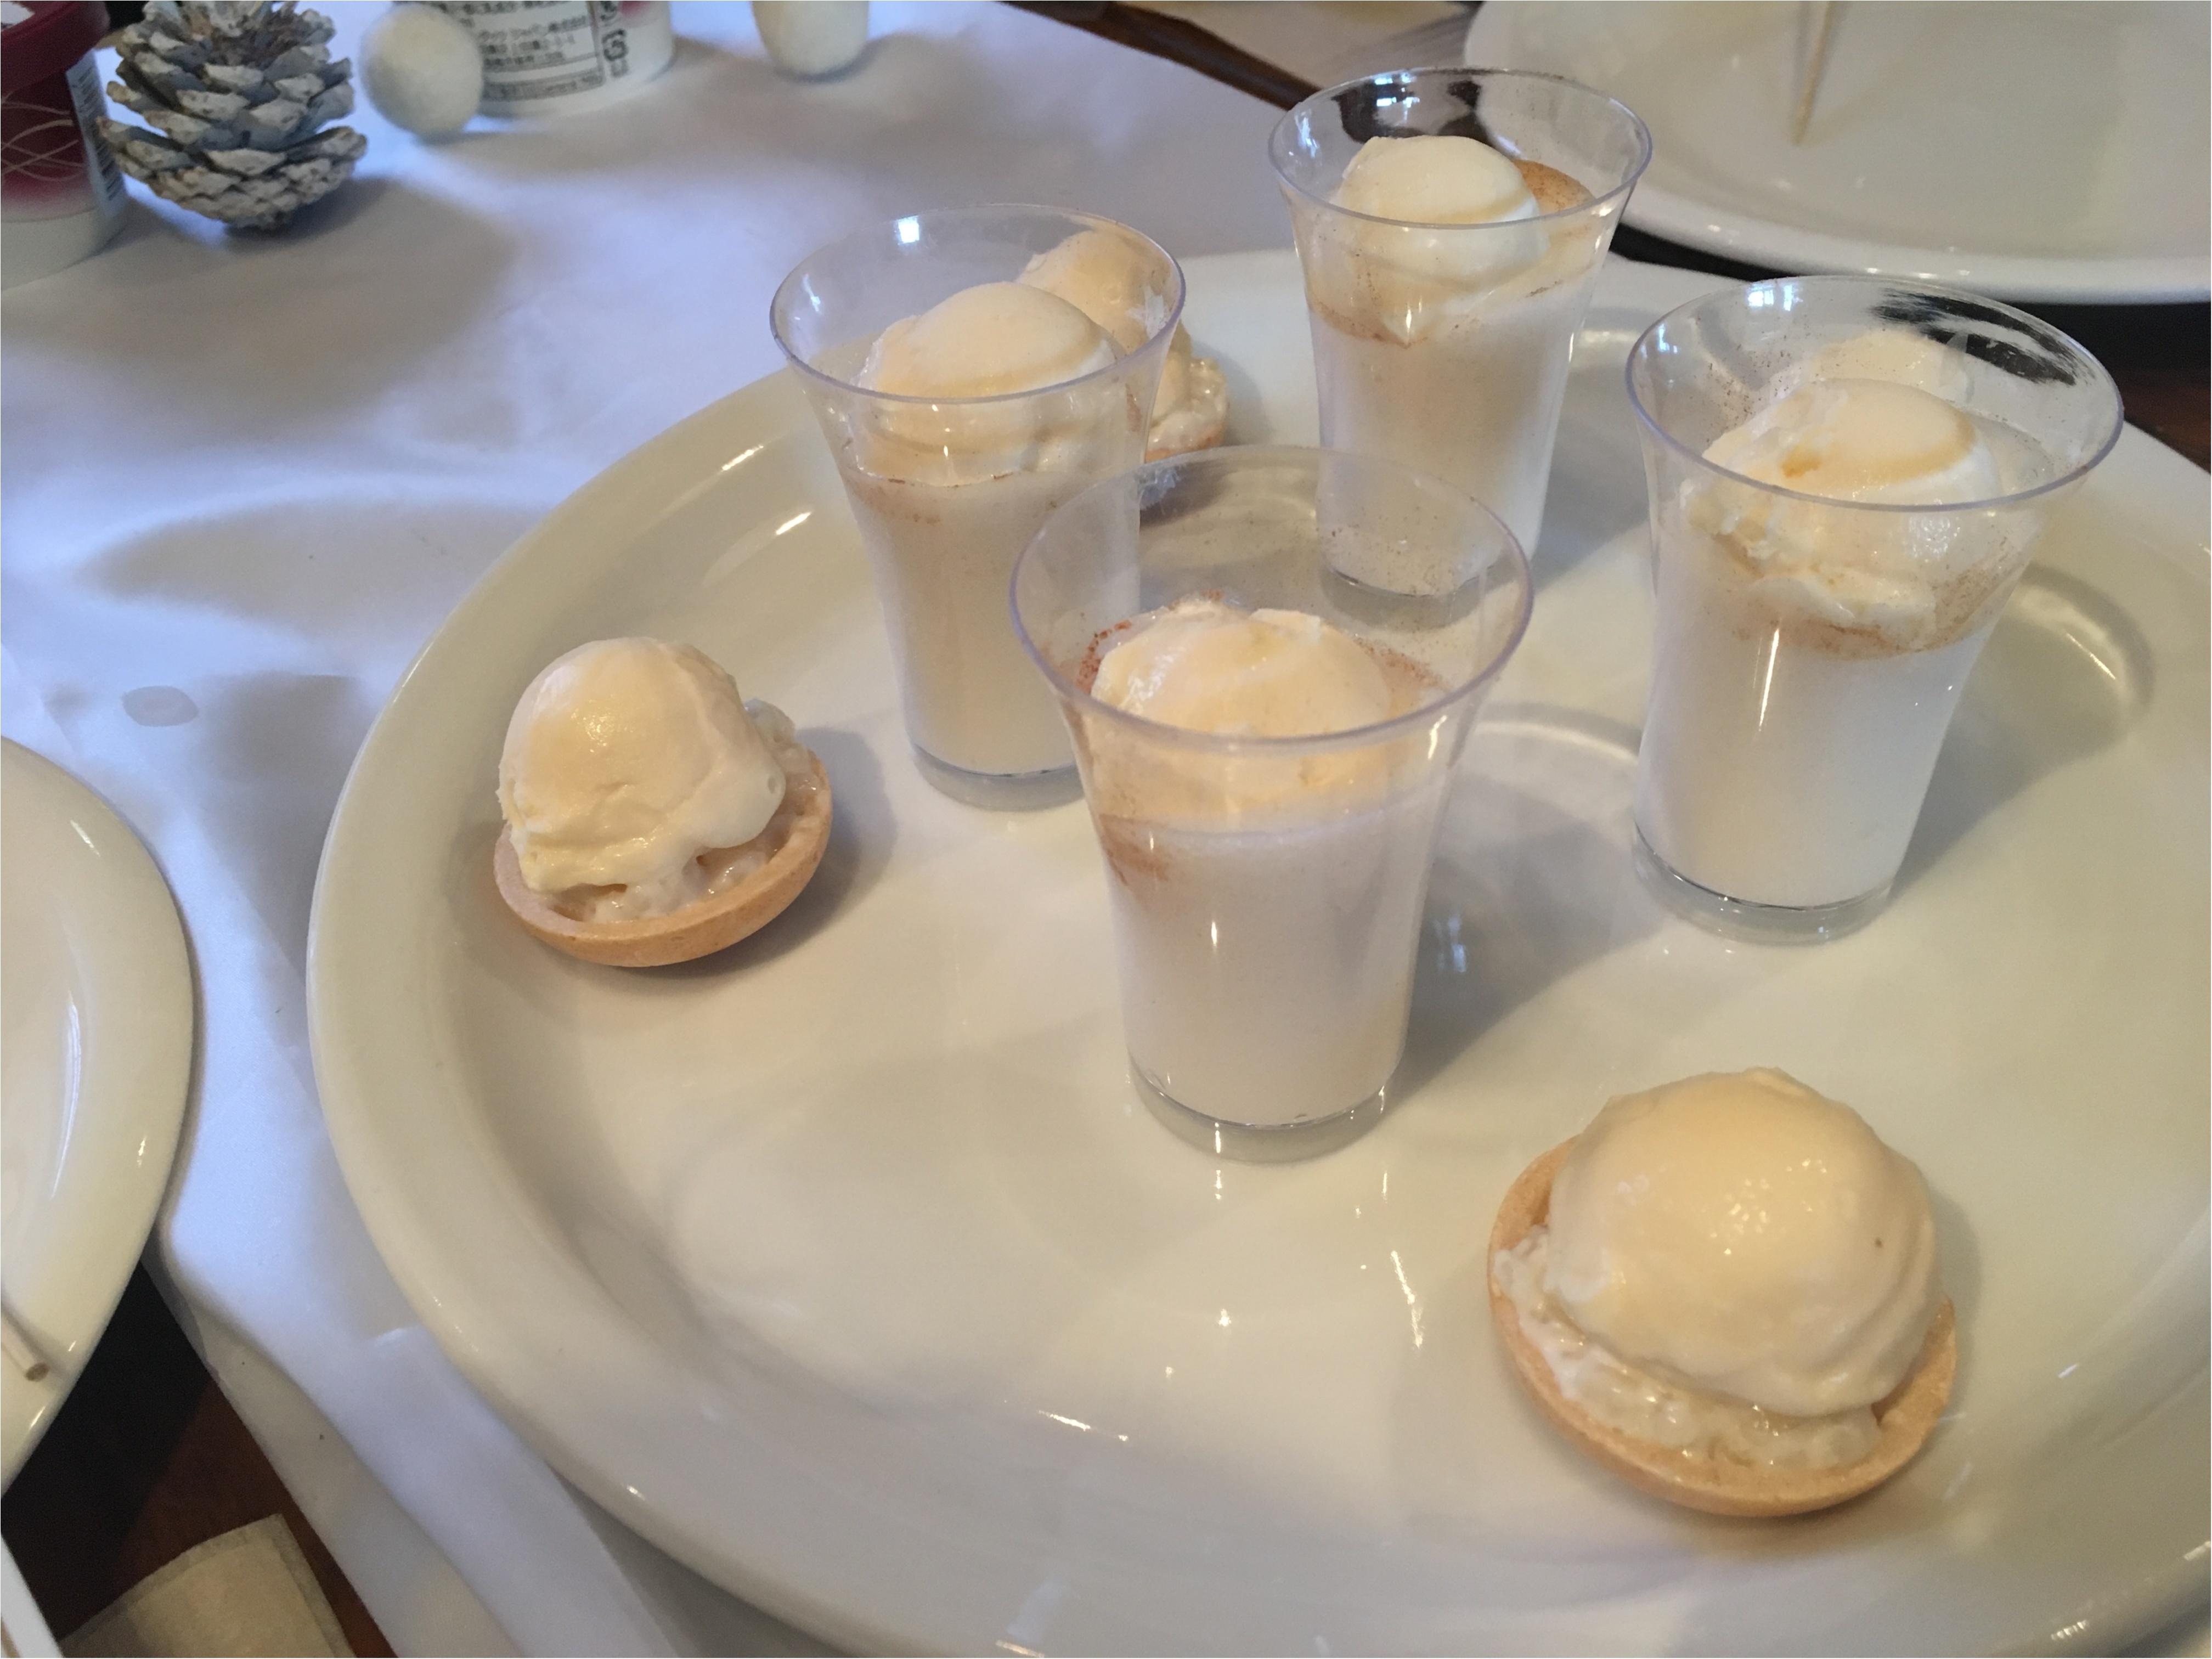 【レポ】12/5発売のあのアイスも先に食べれた『ハーゲンダッツクリスマスパーティー』は倍率250倍⁉︎_6